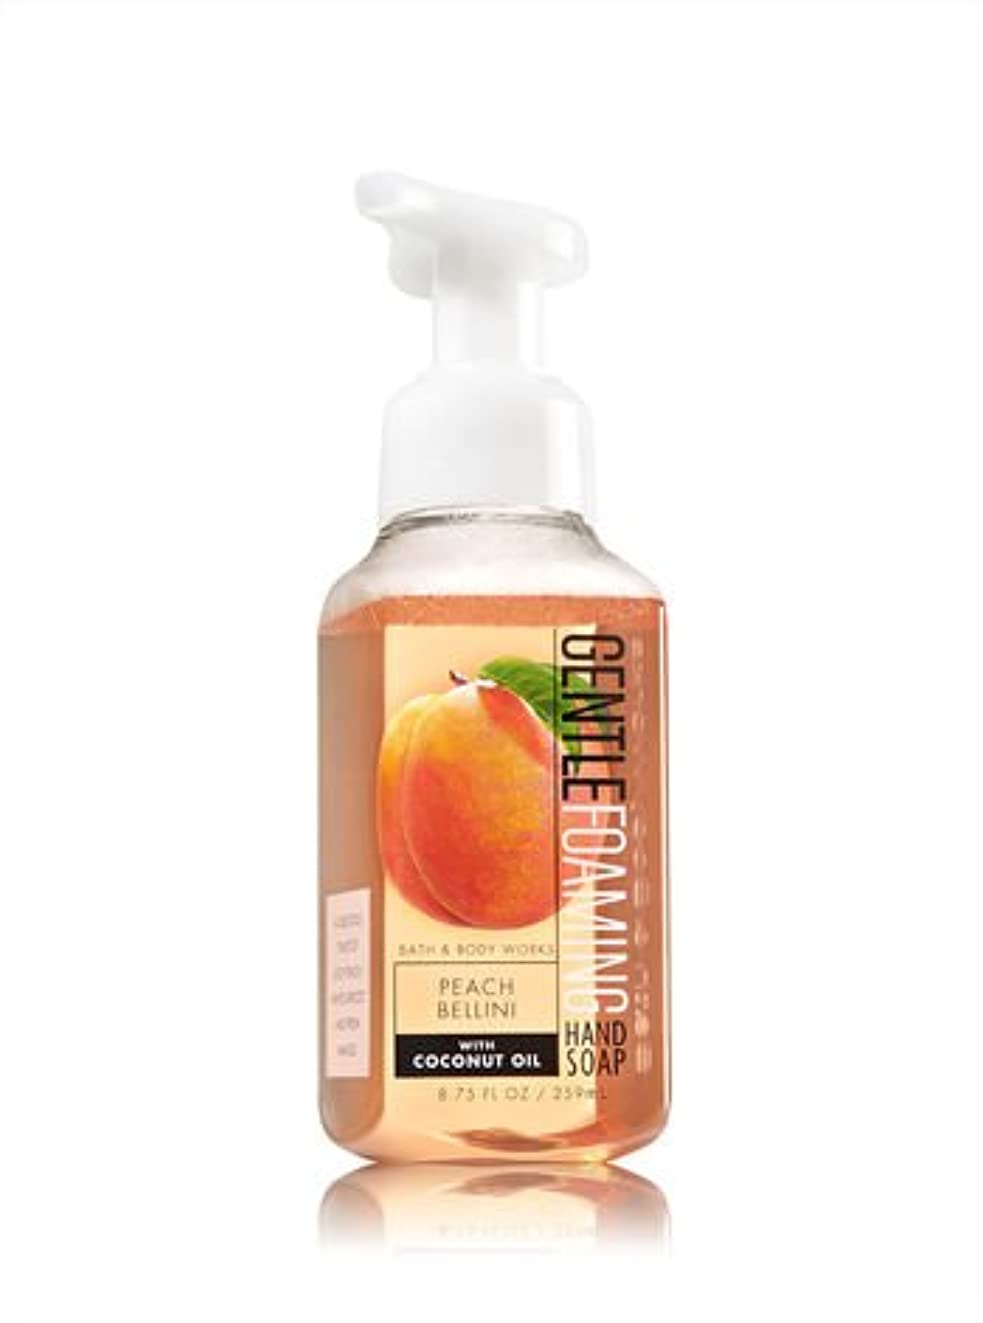 ヒット湿原違うバス&ボディワークス ピーチベリーニ ジェントル フォーミング ハンドソープ Peach Bellini Gentle Foaming Hand Soap [並行輸入品]